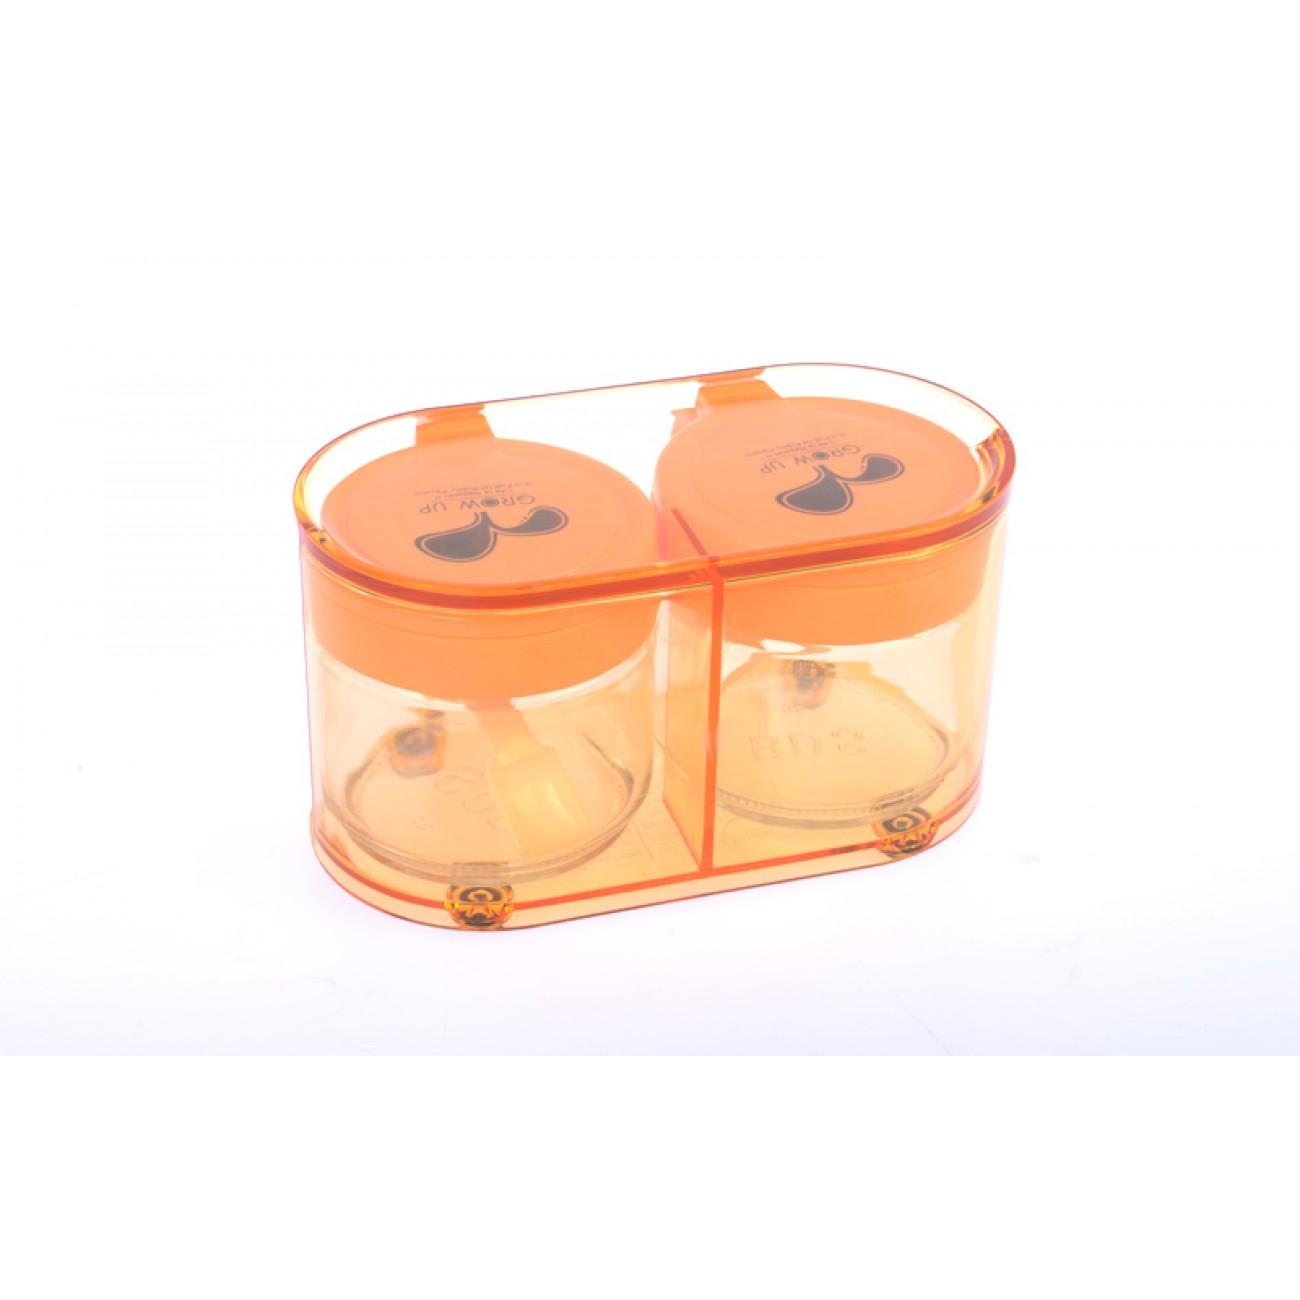 Σετ βαζάκια μπαχαρικών - Πορτοκαλί - ΟΕΜ 29356